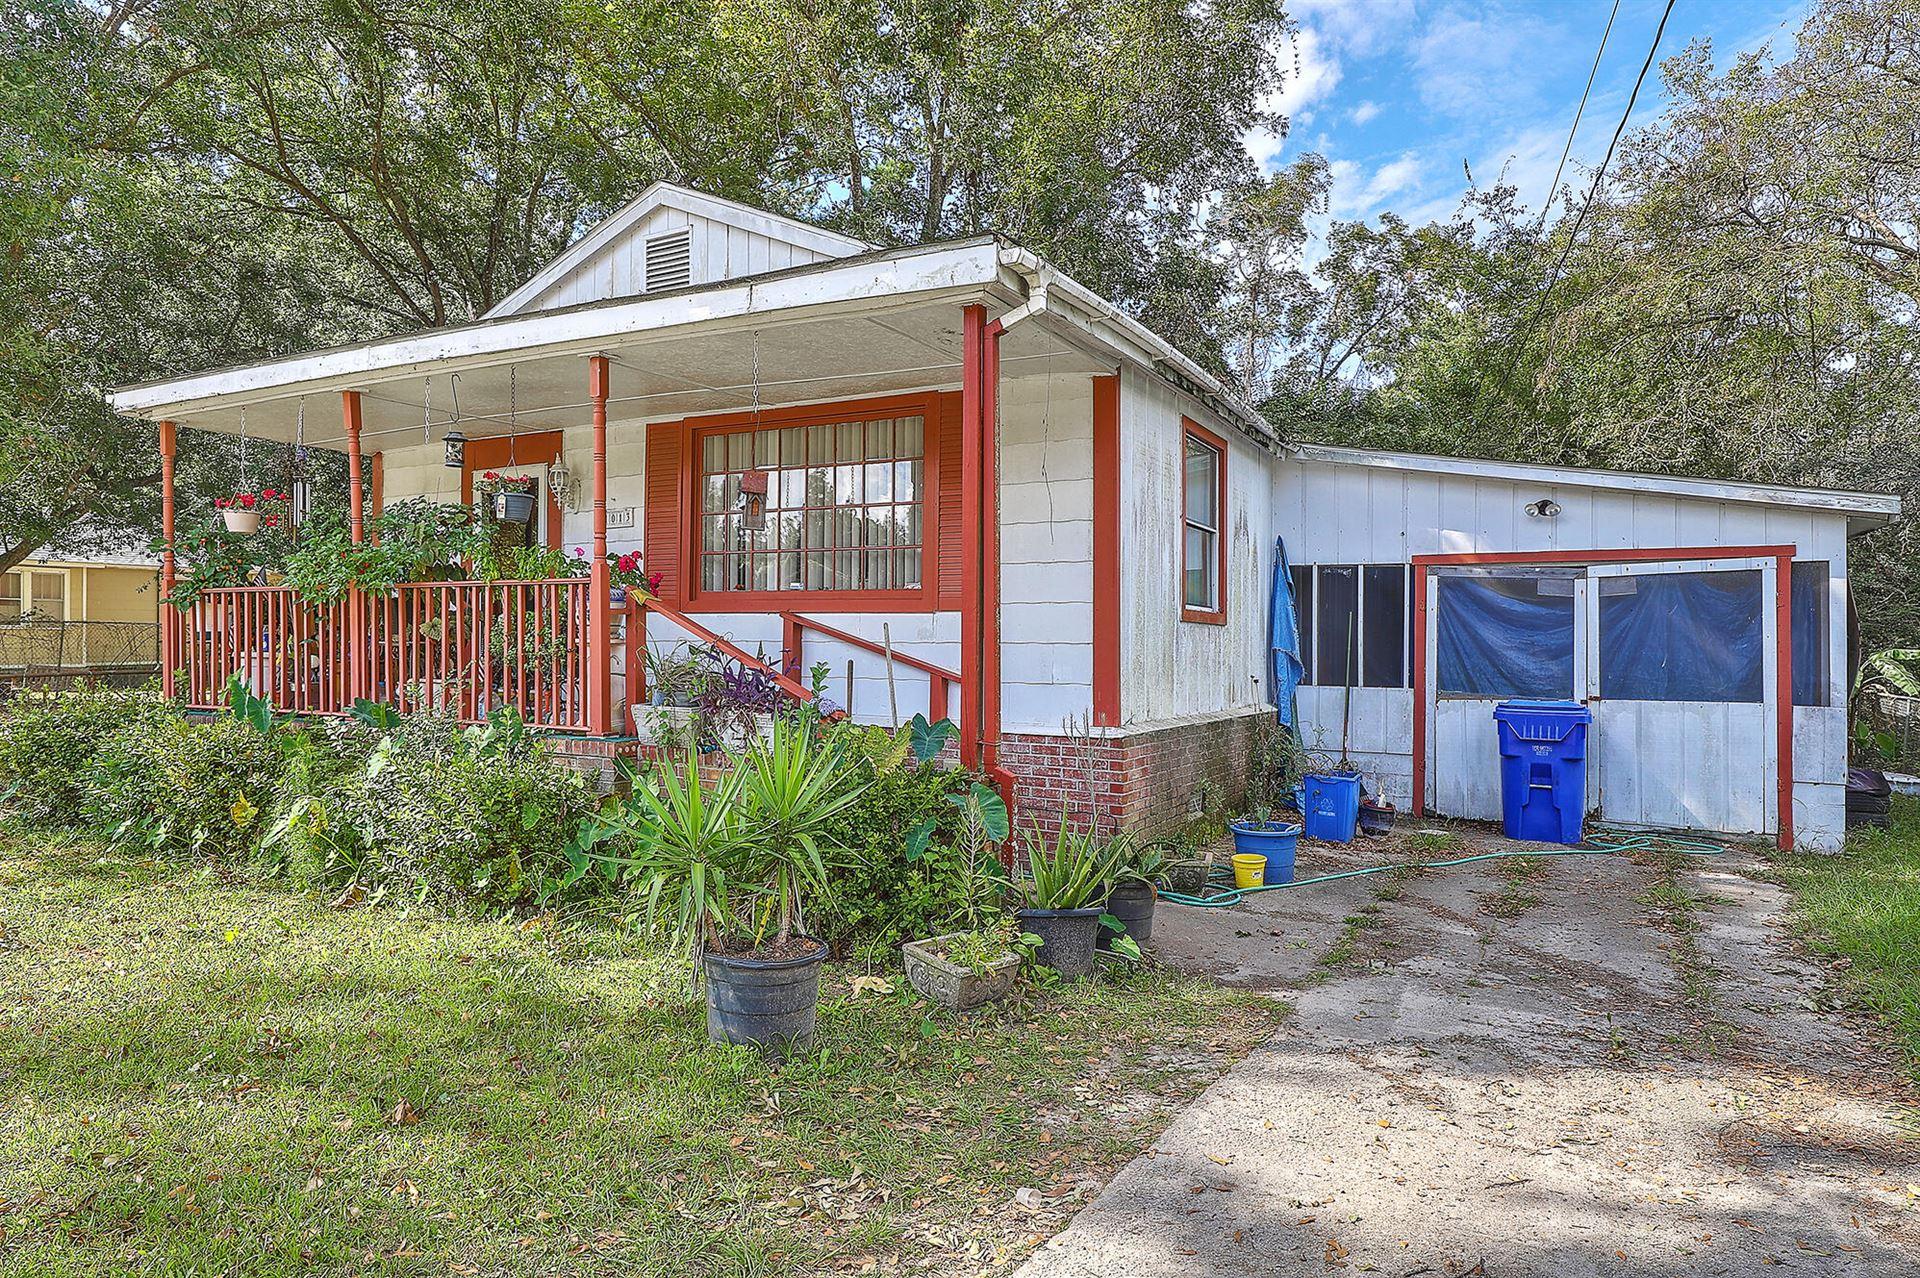 Photo of 1013 Mamie Street, Charleston, SC 29407 (MLS # 21028625)